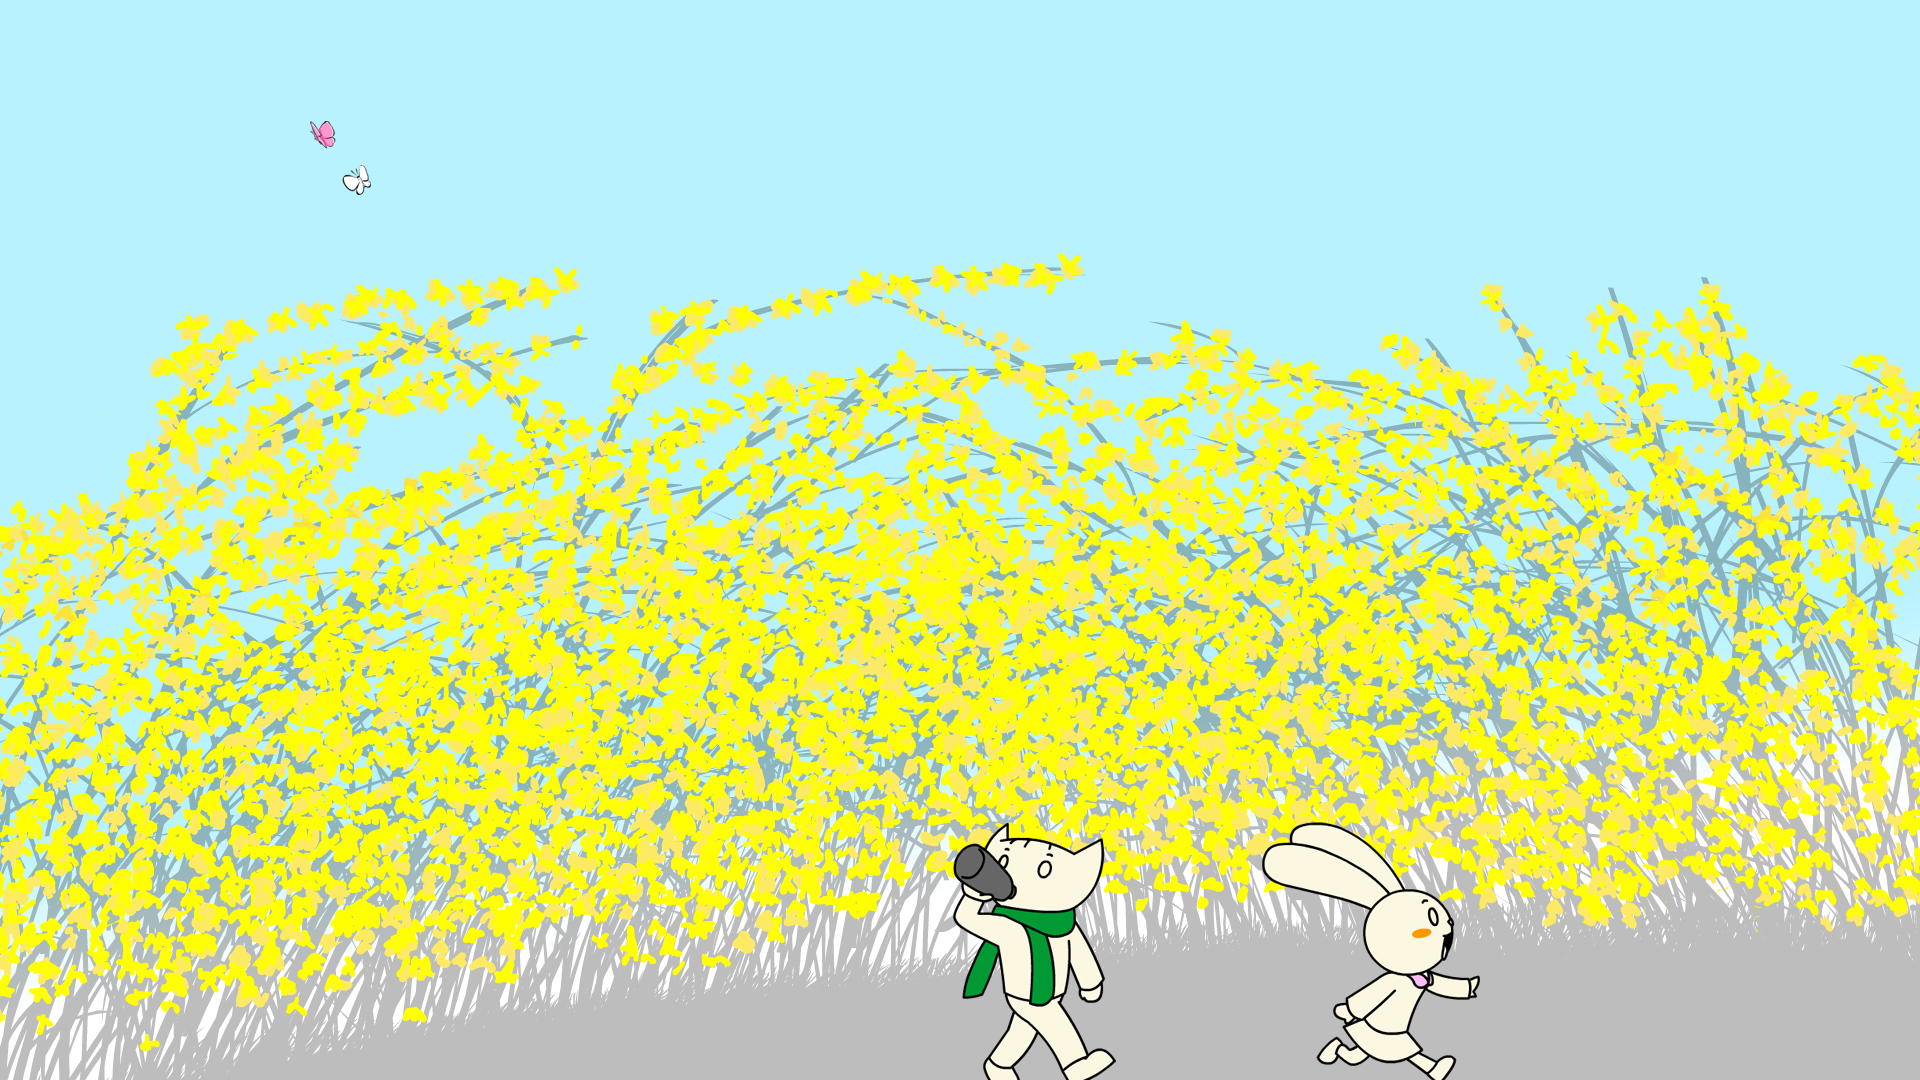 Doki&Nabi's spring